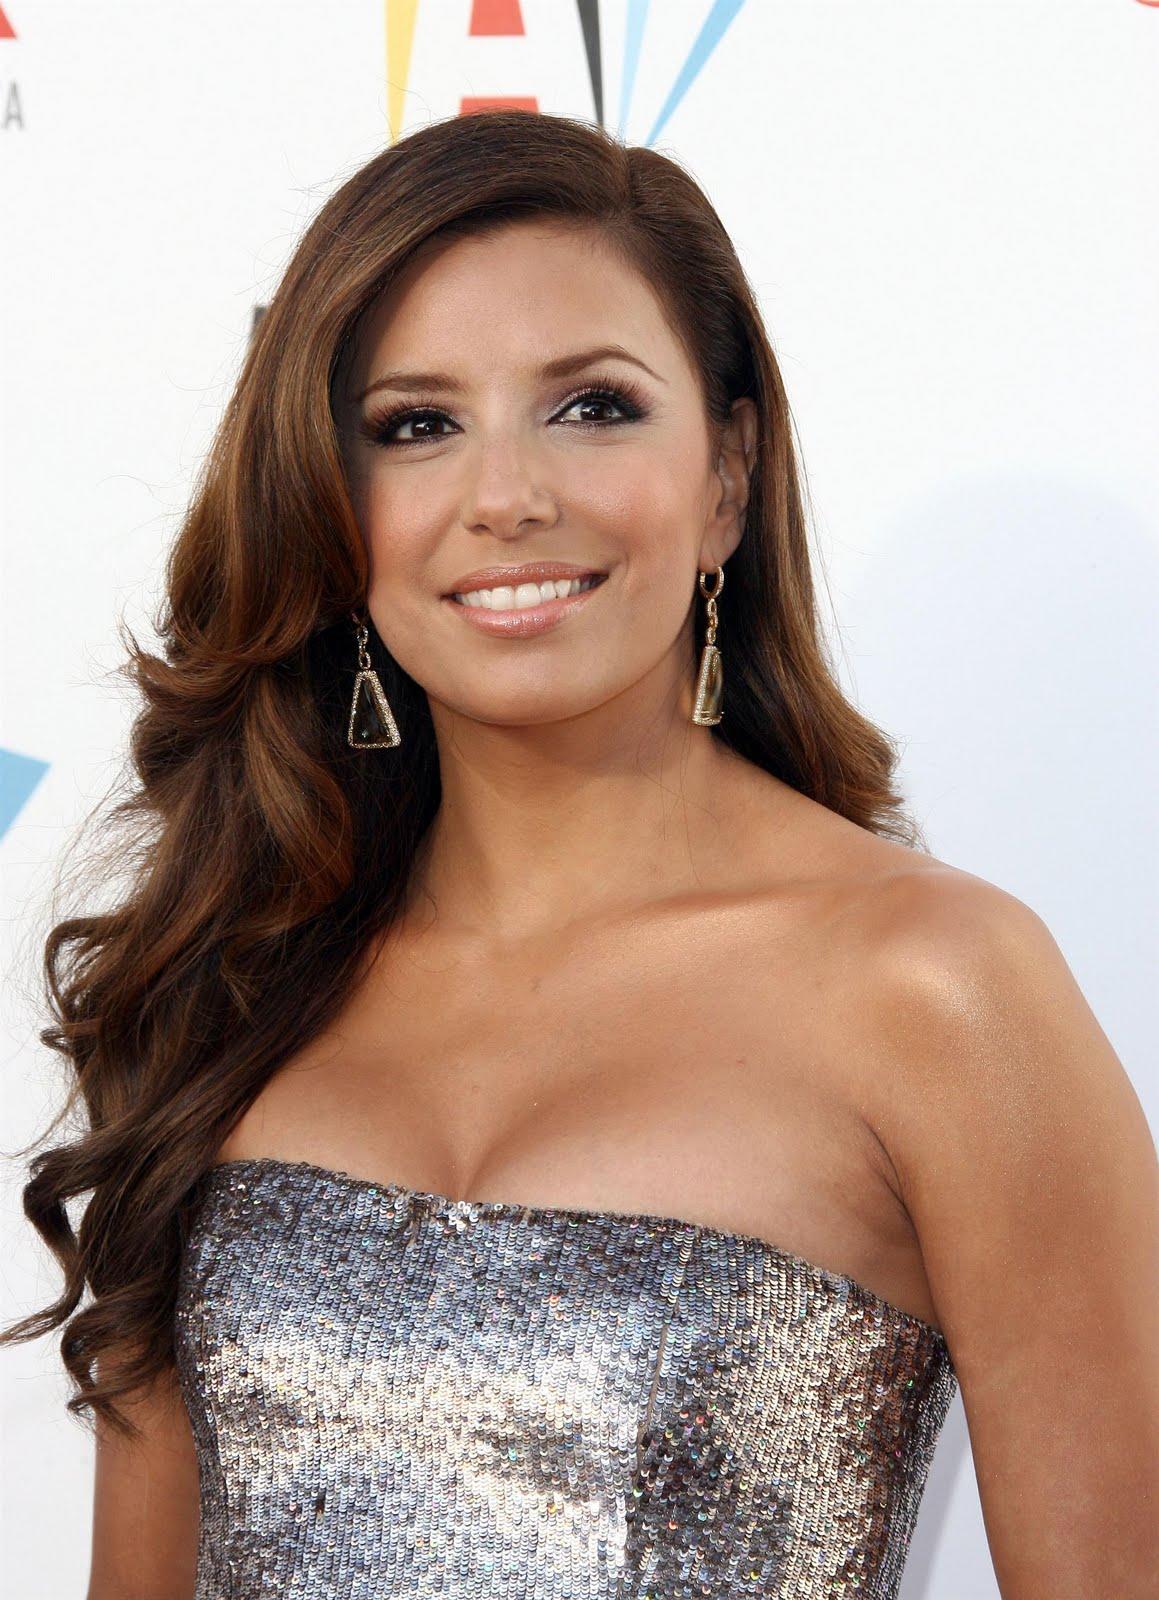 http://2.bp.blogspot.com/_eg7JvIinZrE/SwiyOJSbaGI/AAAAAAAALBc/JdtTJiLOnb4/s1600/96283_celebrityheart.blogspot.com_574_123_363lo.jpg